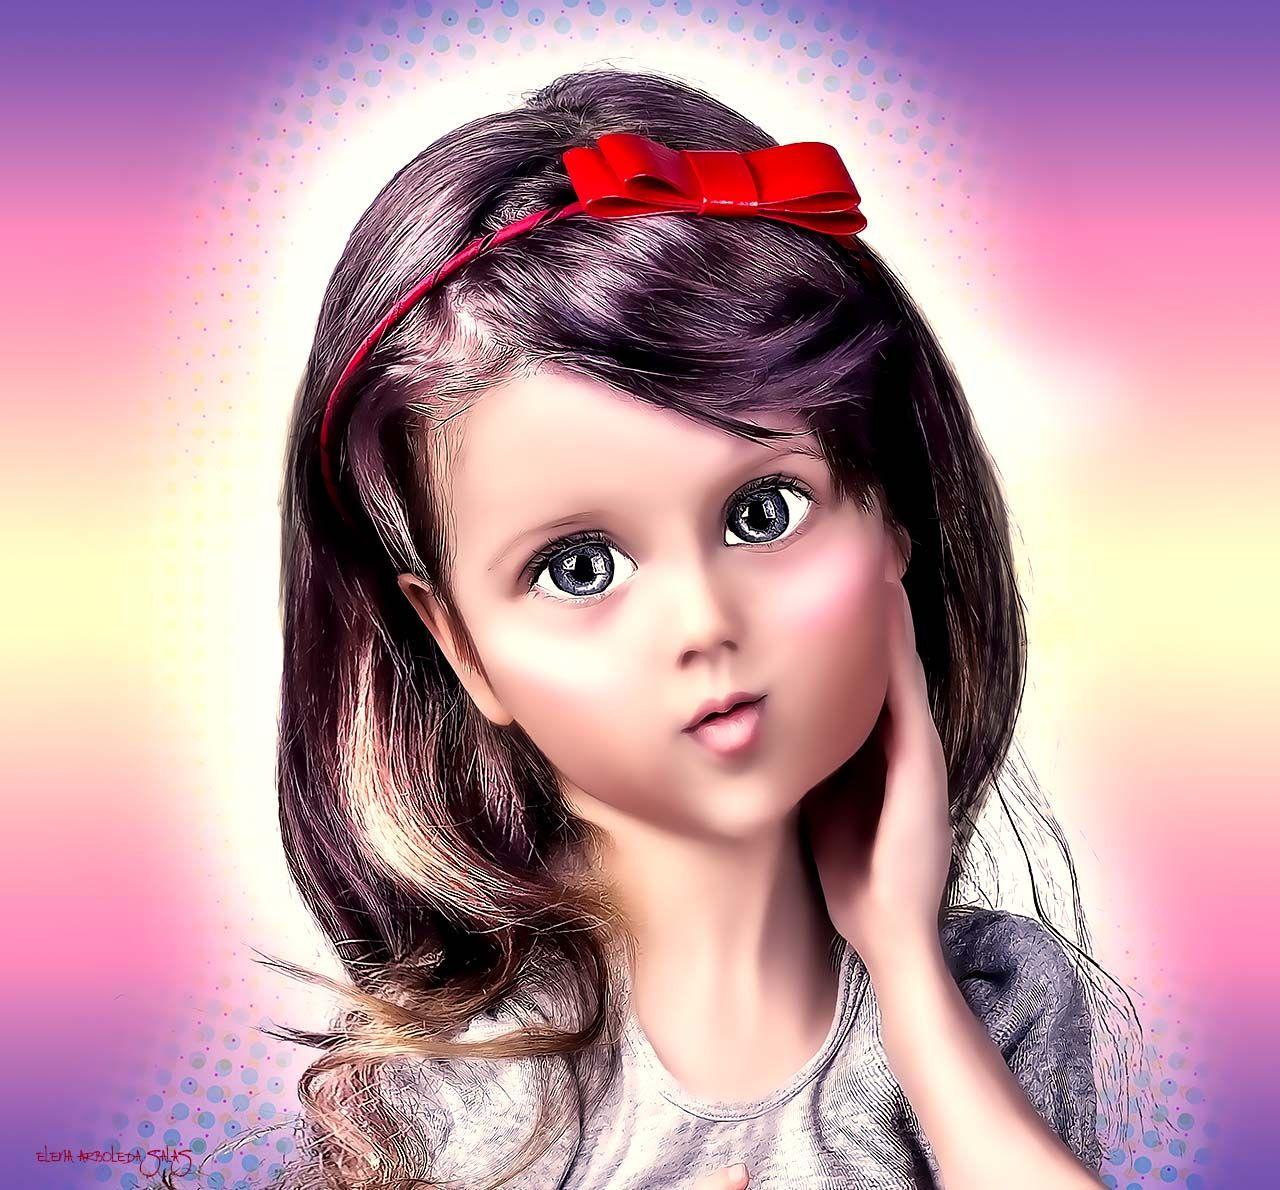 Las chicas hasta que cumplen 10 años juegan con muñecas, luego se pasan el resto del tiempo tratando de ser una......